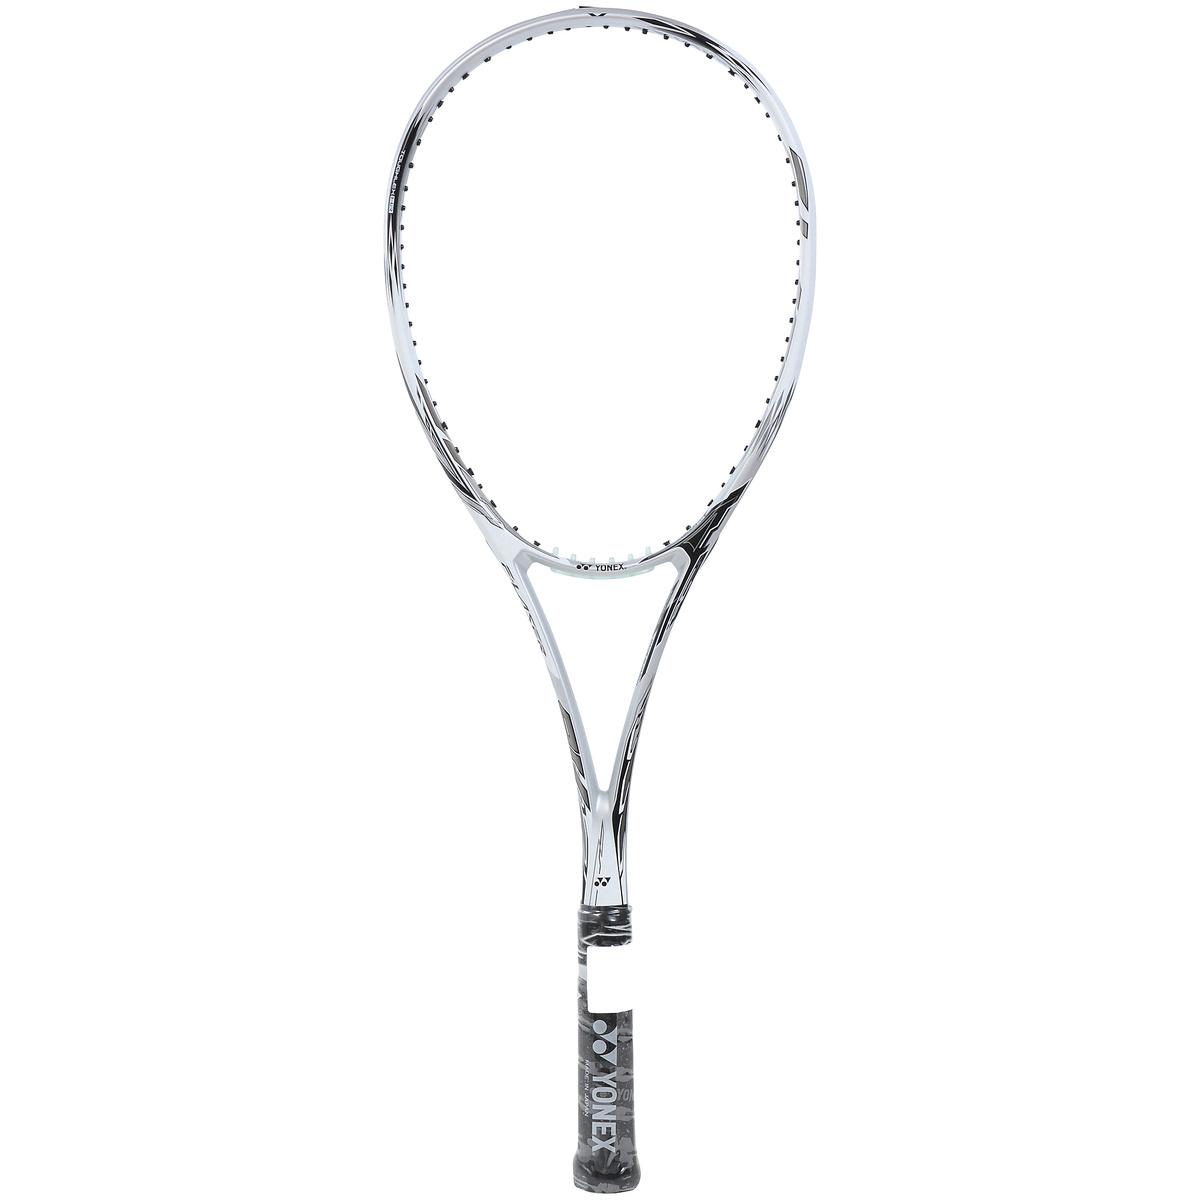 ヨネックス 【フレームのみ】ソフトテニス フレームラケット エフレーザー9V YONEX 【送料無料】 YONEX (ヨネックス) 【フレームのみ】ソフトテニス フレームラケット エフレーザー9V FLR9V 719